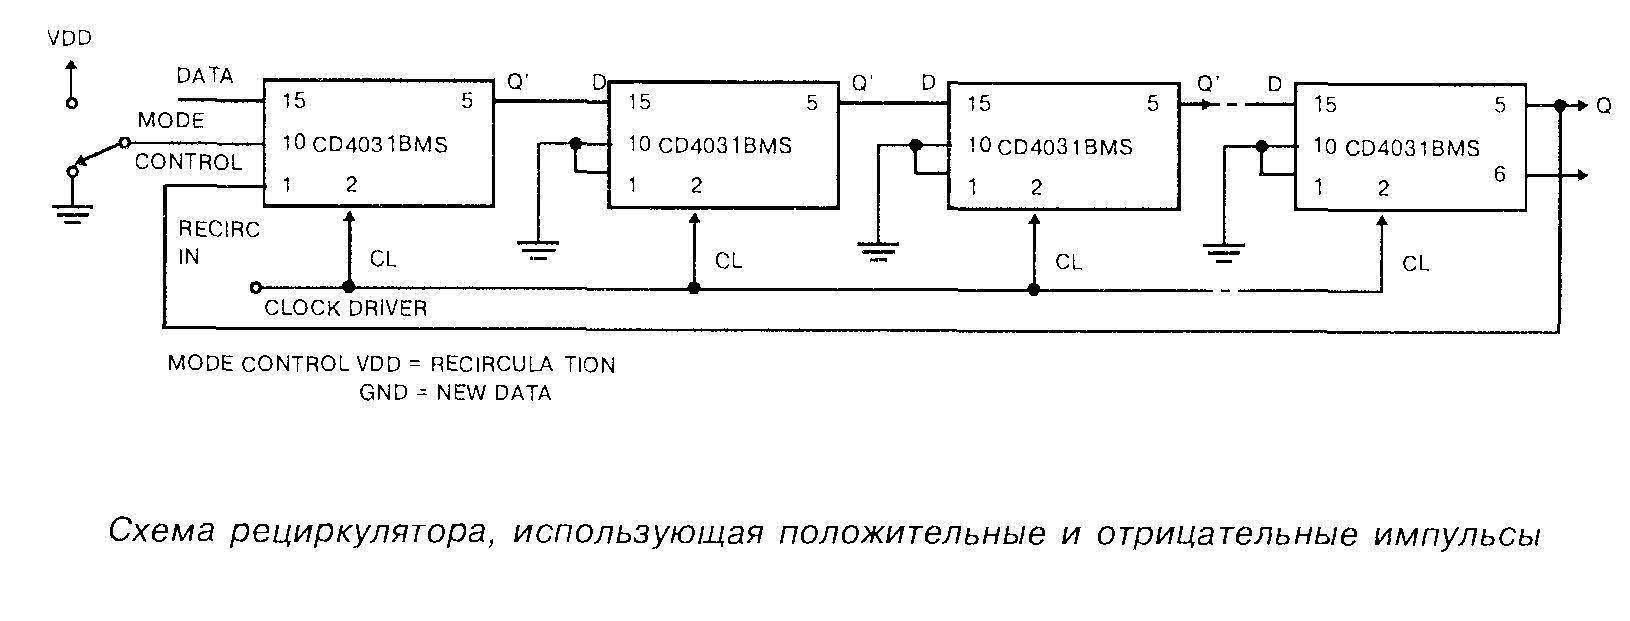 Схема рециркулятора, использующая положитетельные и отрицательные импульсы